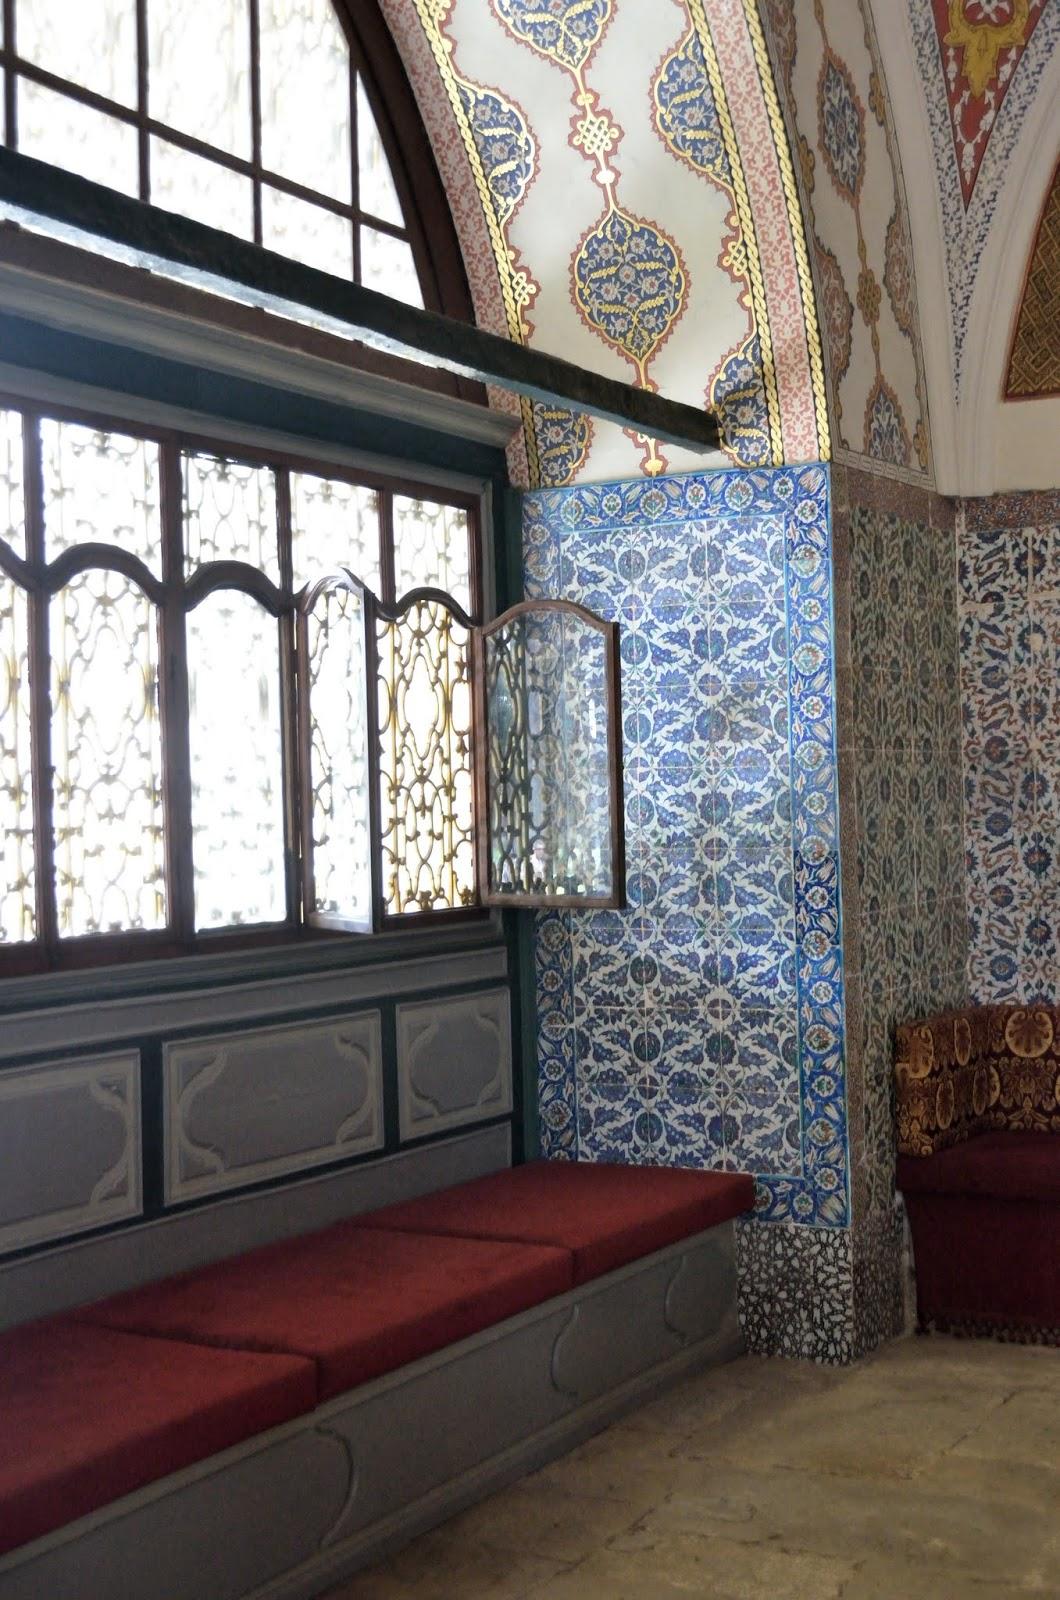 Viaggio a istanbul tredicesimo giorno istanbul giorno - Il divano di istanbul ...